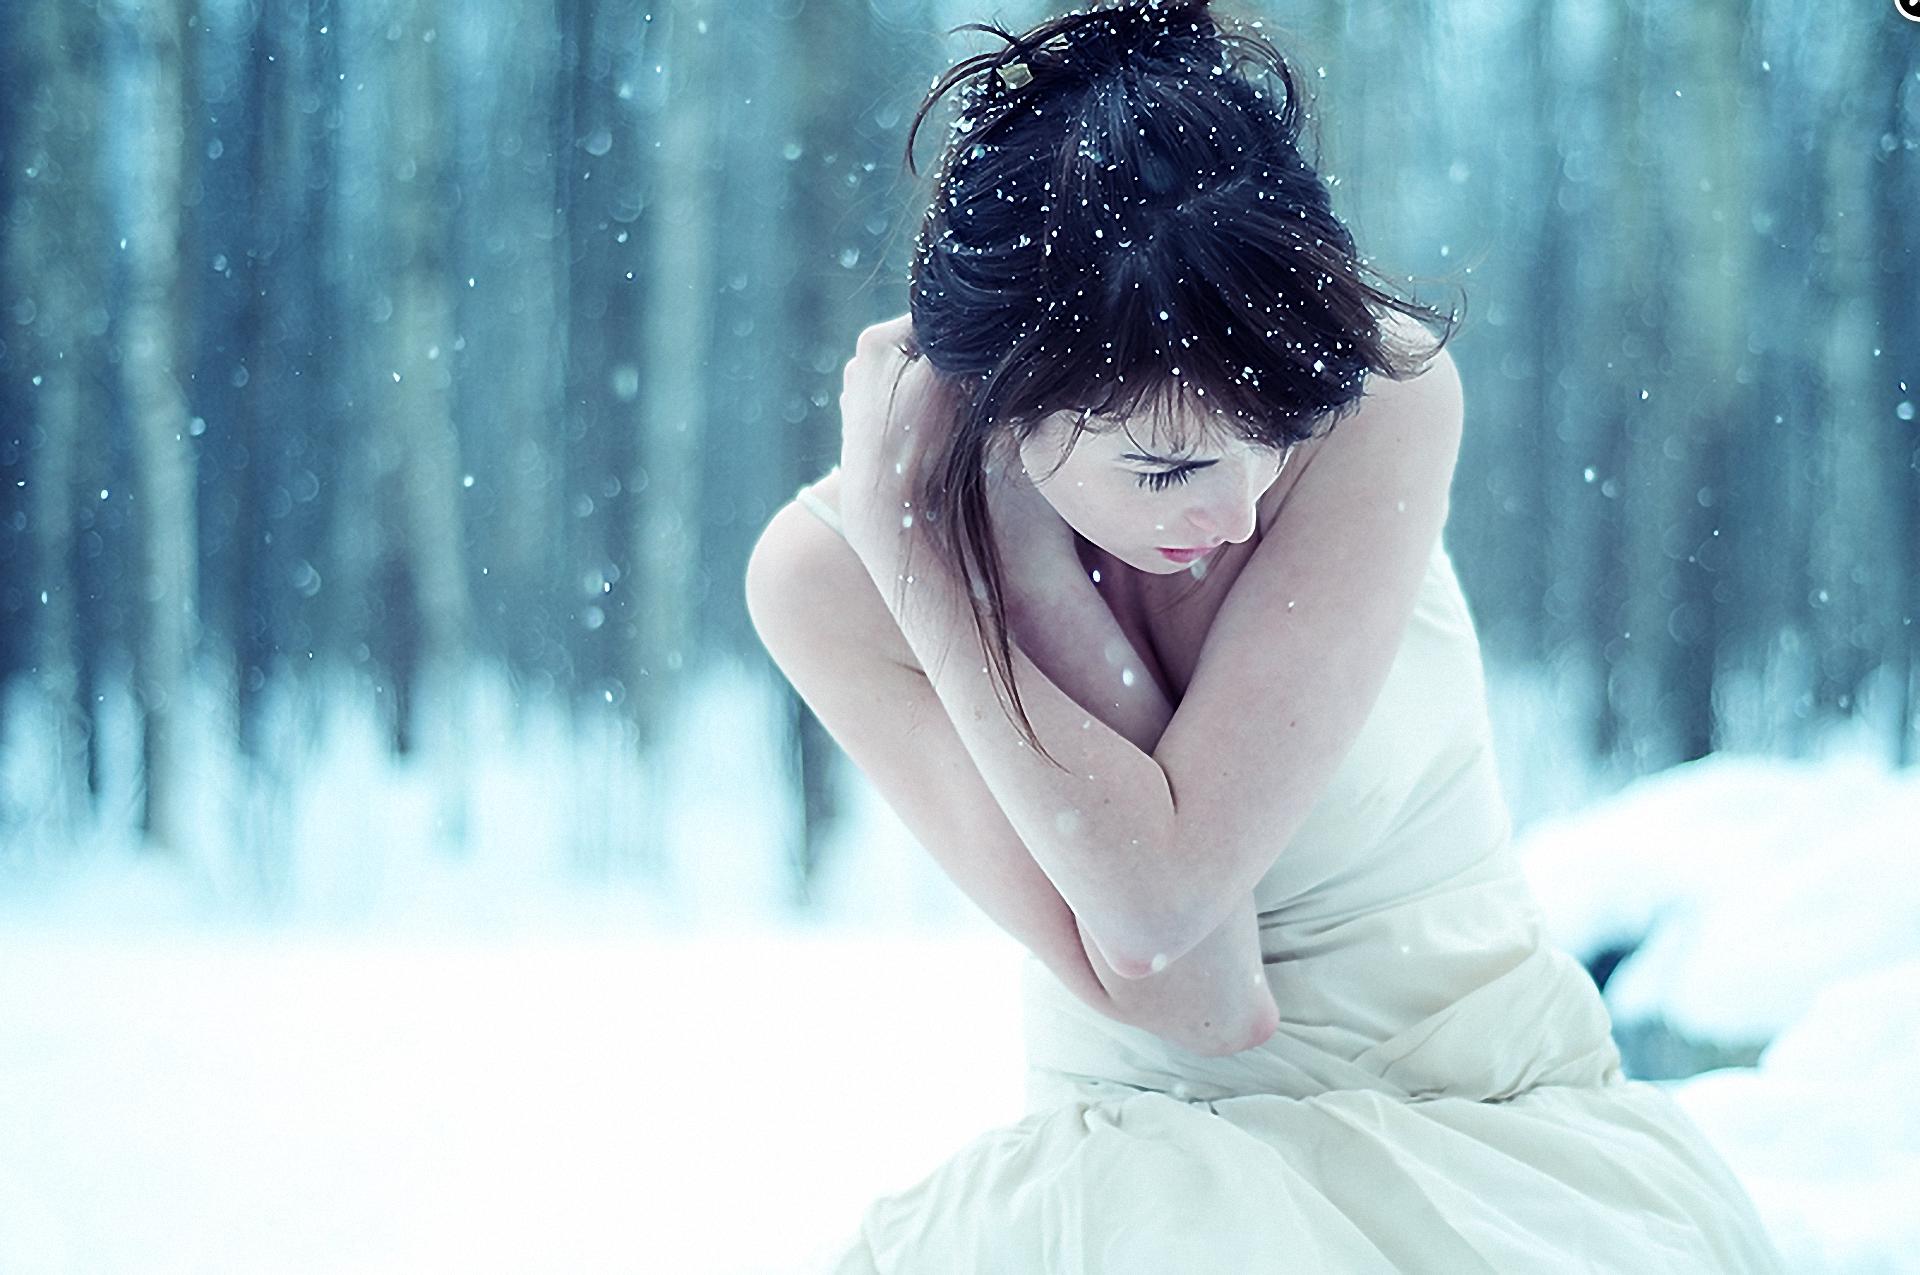 фей картинки грусть снег удачного извлечения